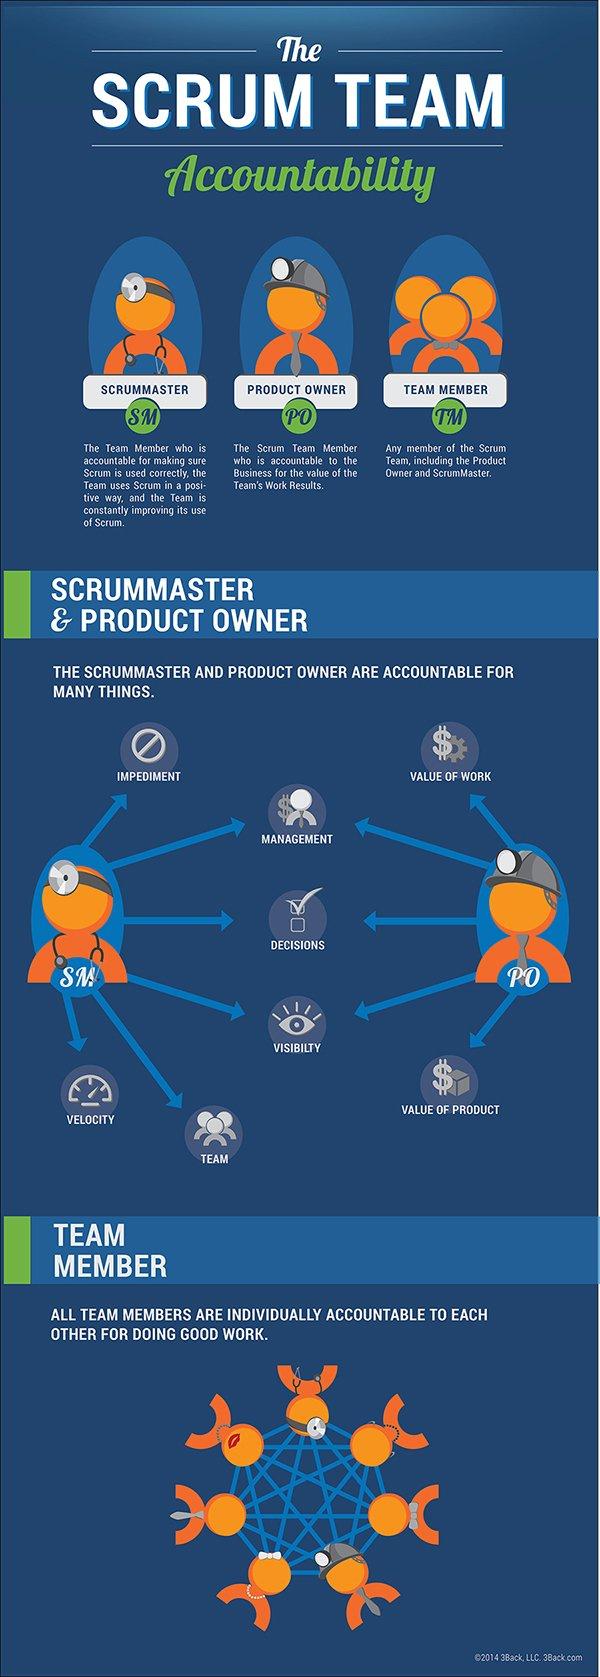 Accountability in Scrum